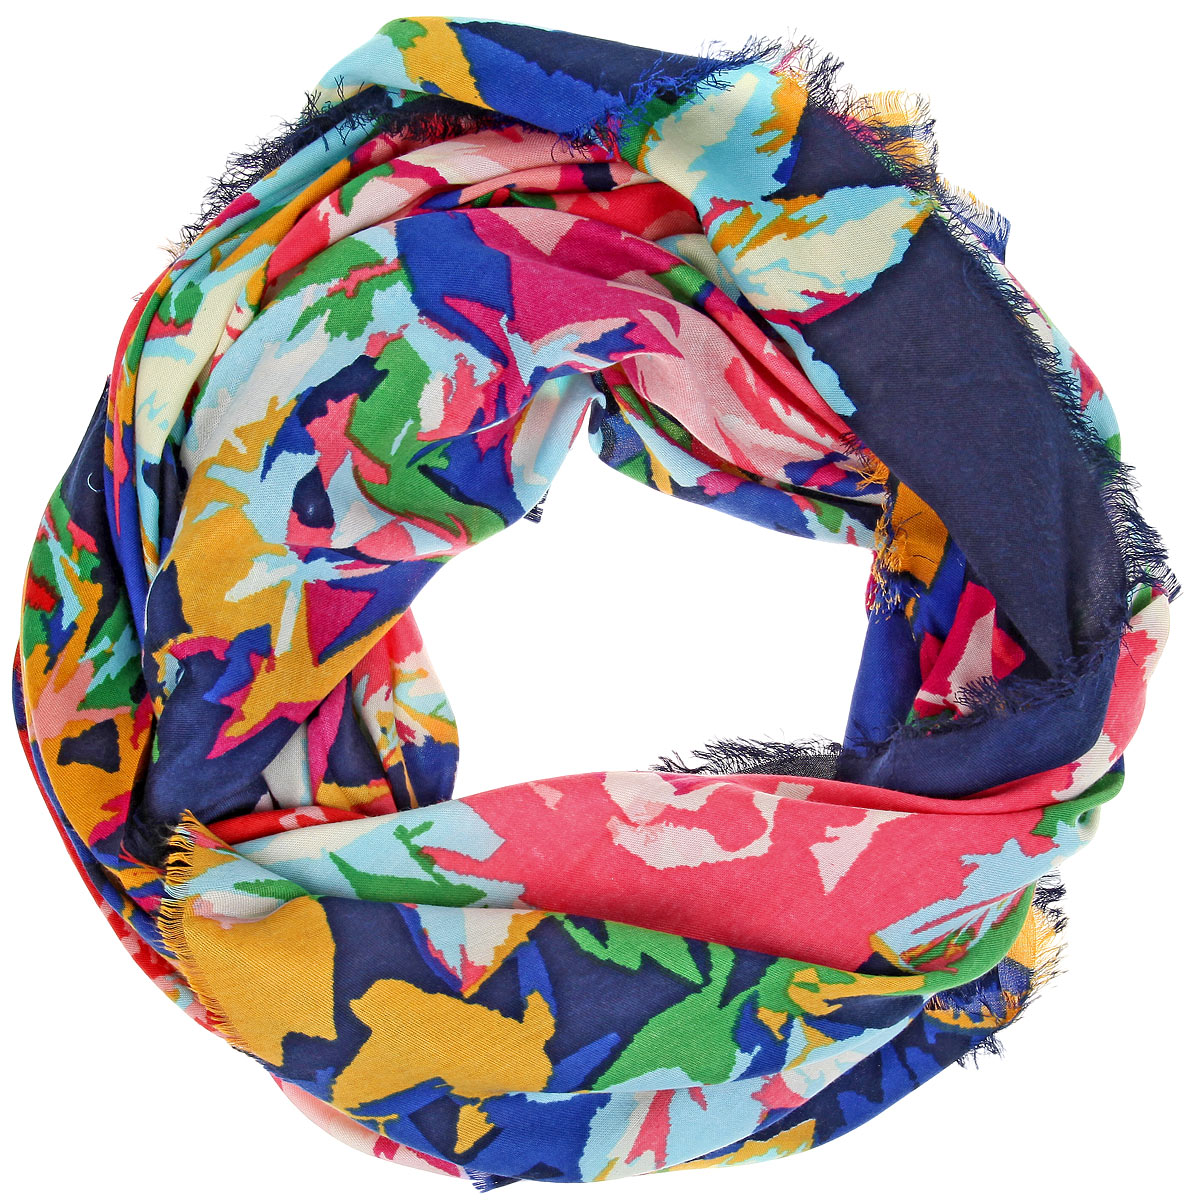 Платок женский Sophie Ramage, цвет: синий, зеленый, розовый. BH-11520-3. Размер 130 см x 130 смBH-11520-3Платок Sophie Ramage, выполненный из модала с добавлением кашемира, идеально дополнит образ современной женщины. Благодаря своему составу, он удивительно мягкий и очень приятный на ощупь. Модель оформлена ярким принтом, а по краям декорирована бахромой.Классическая квадратная форма позволяет носить платок на шее, украшать им прическу или декорировать сумочку. С этим платком вы всегда будете выглядеть женственной и привлекательной.